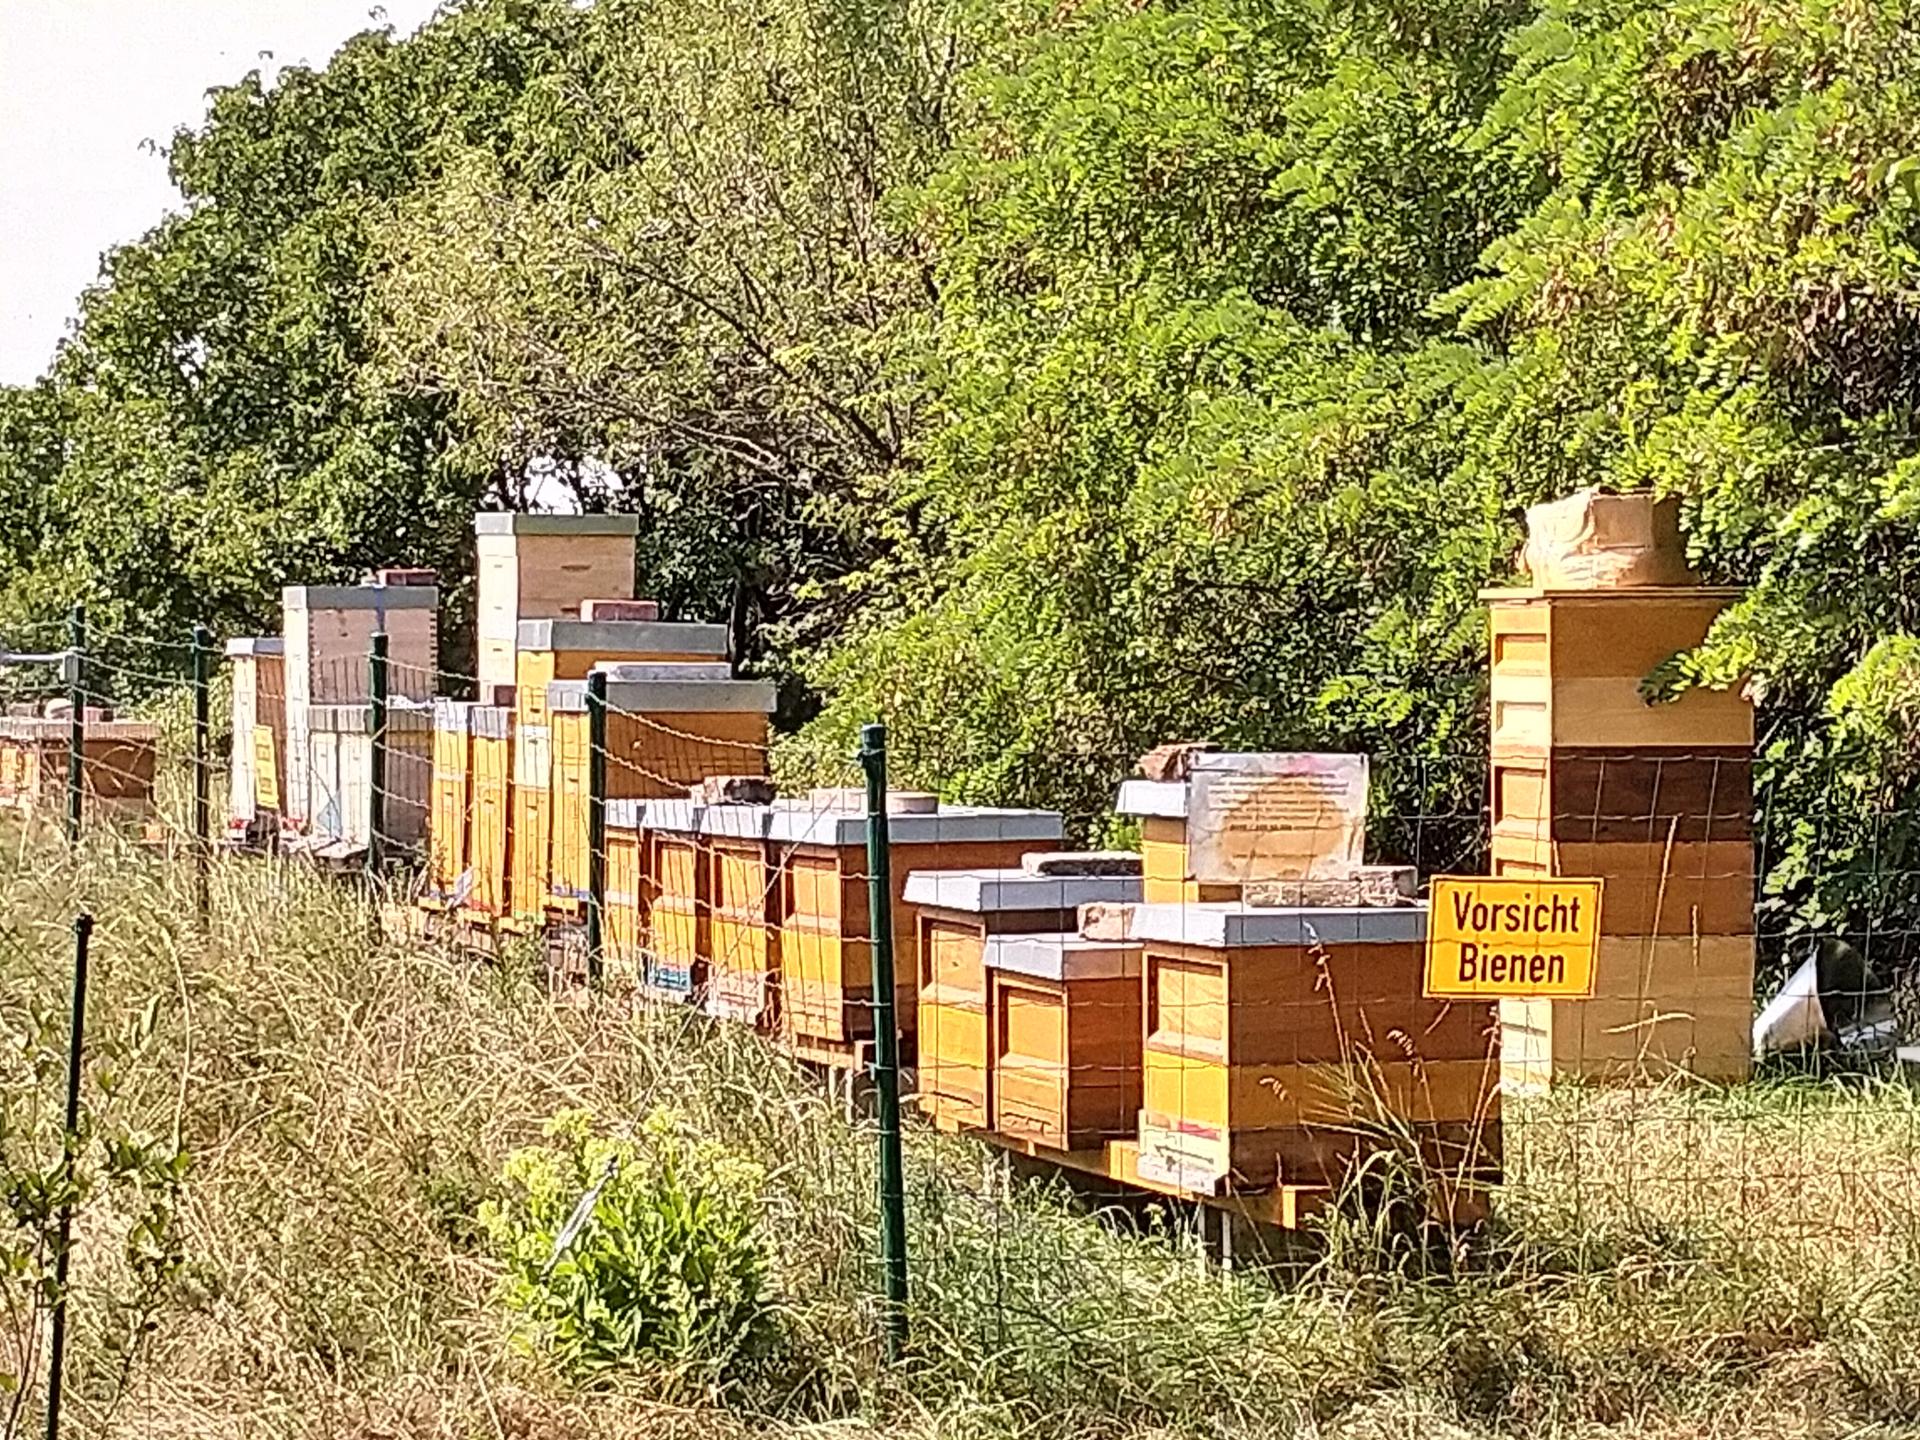 Man kann Bienenvölker überall im Stadtgebiet finden - Photocredit: Elisabeth Demeter